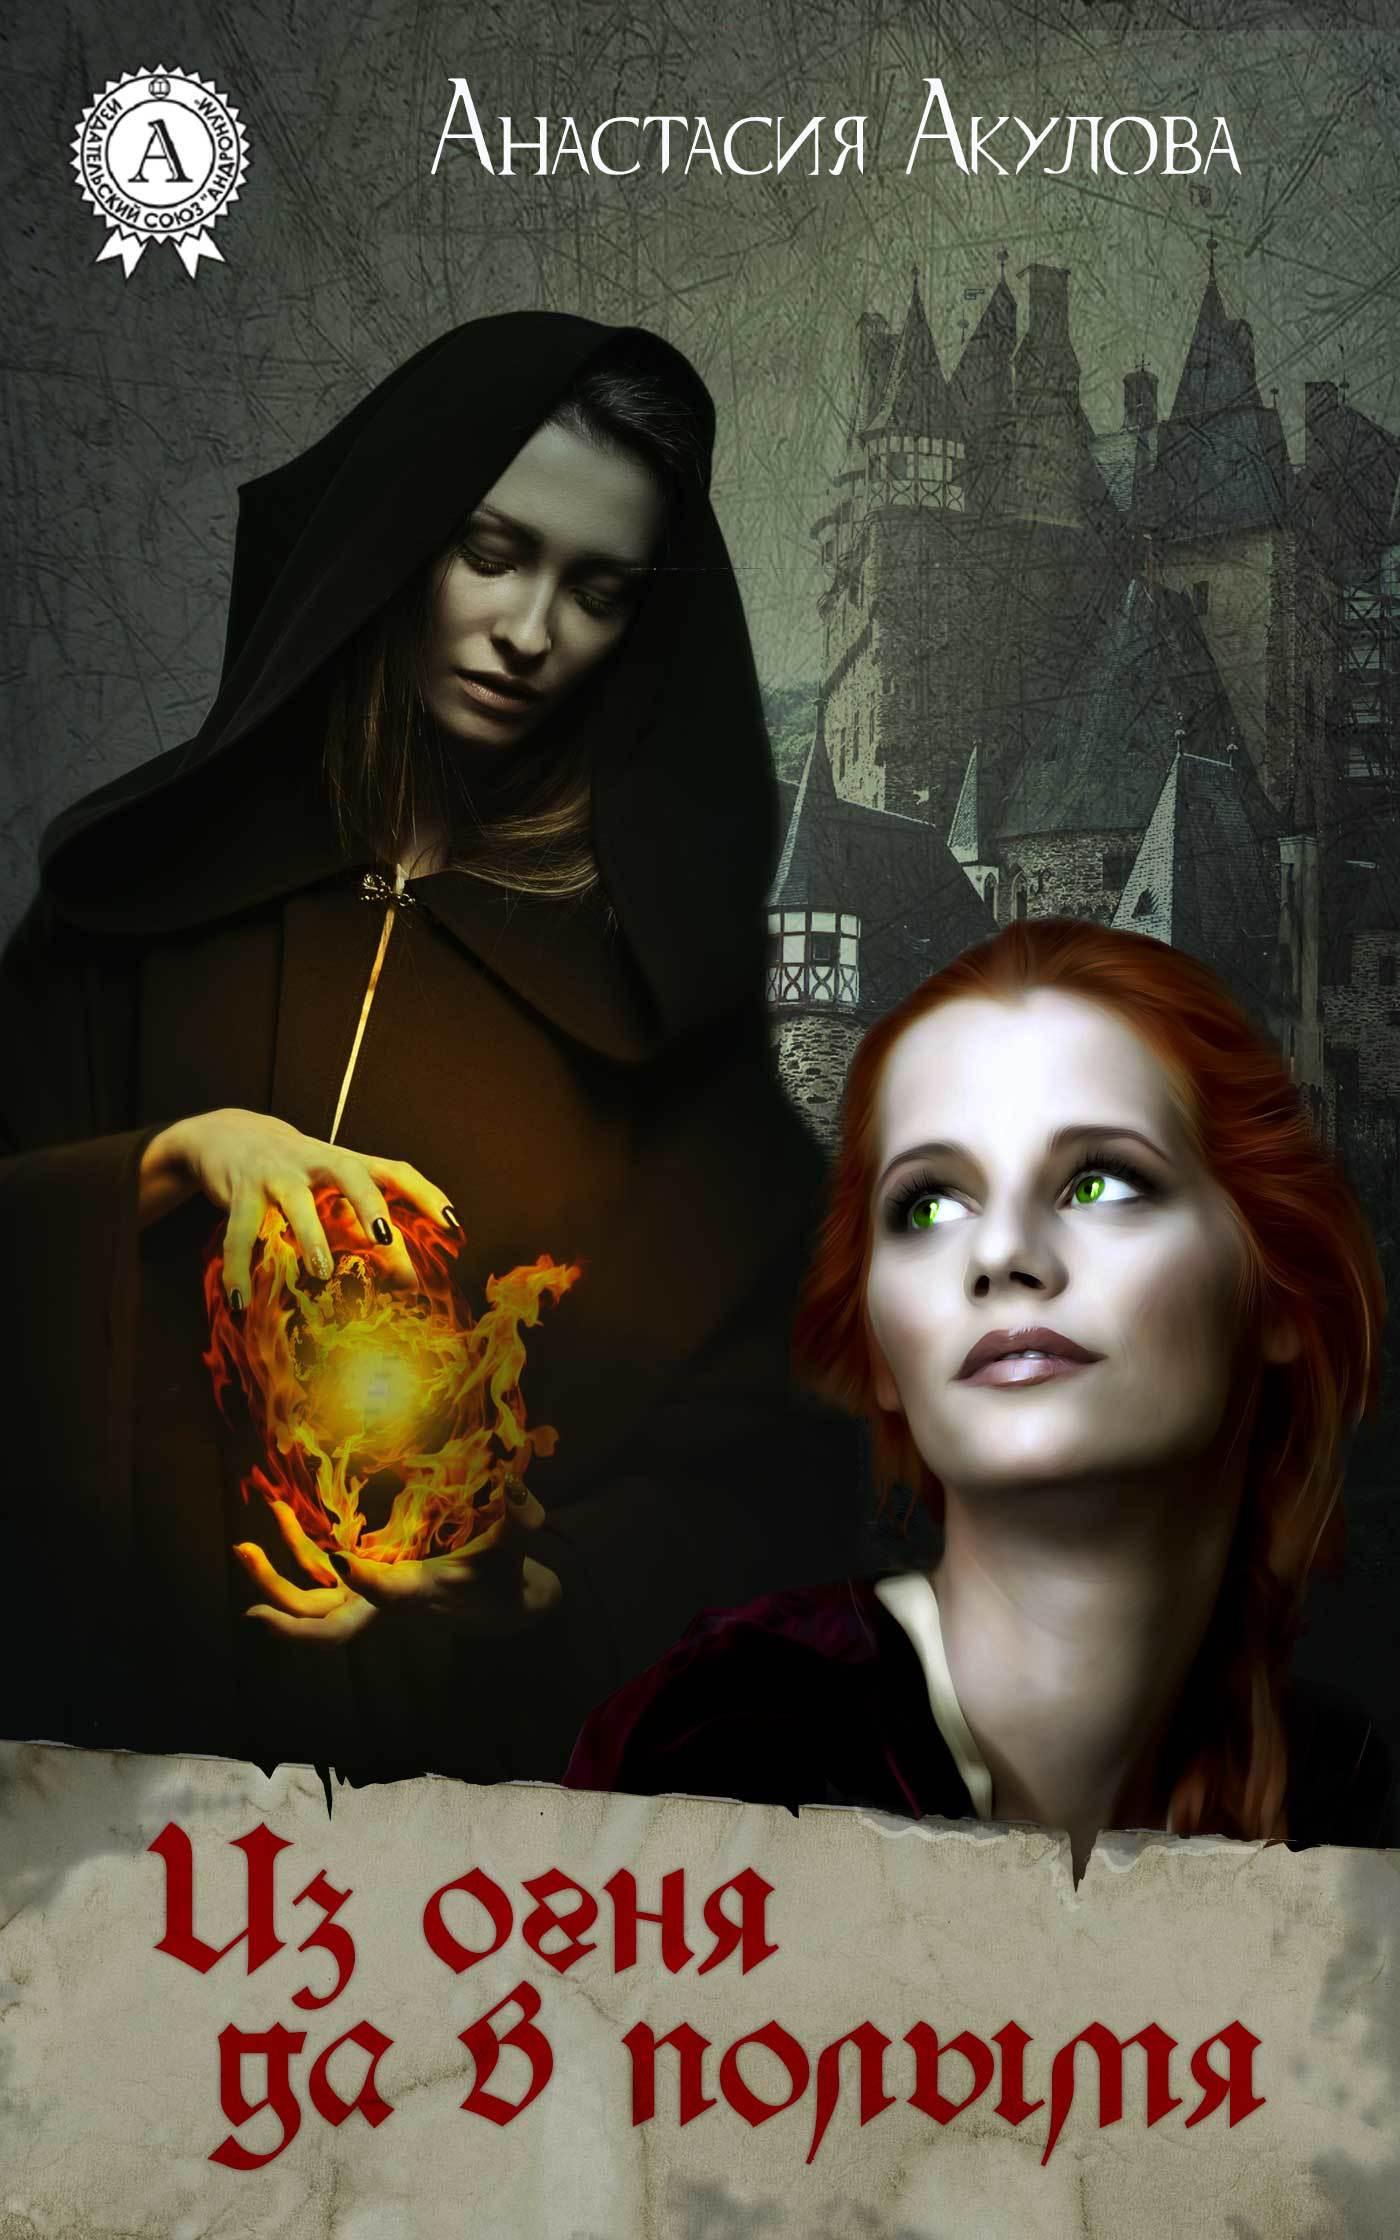 Анастасия Акулова Из огня да в полымя игра анастасия путешествие русской принцессы и её щенка